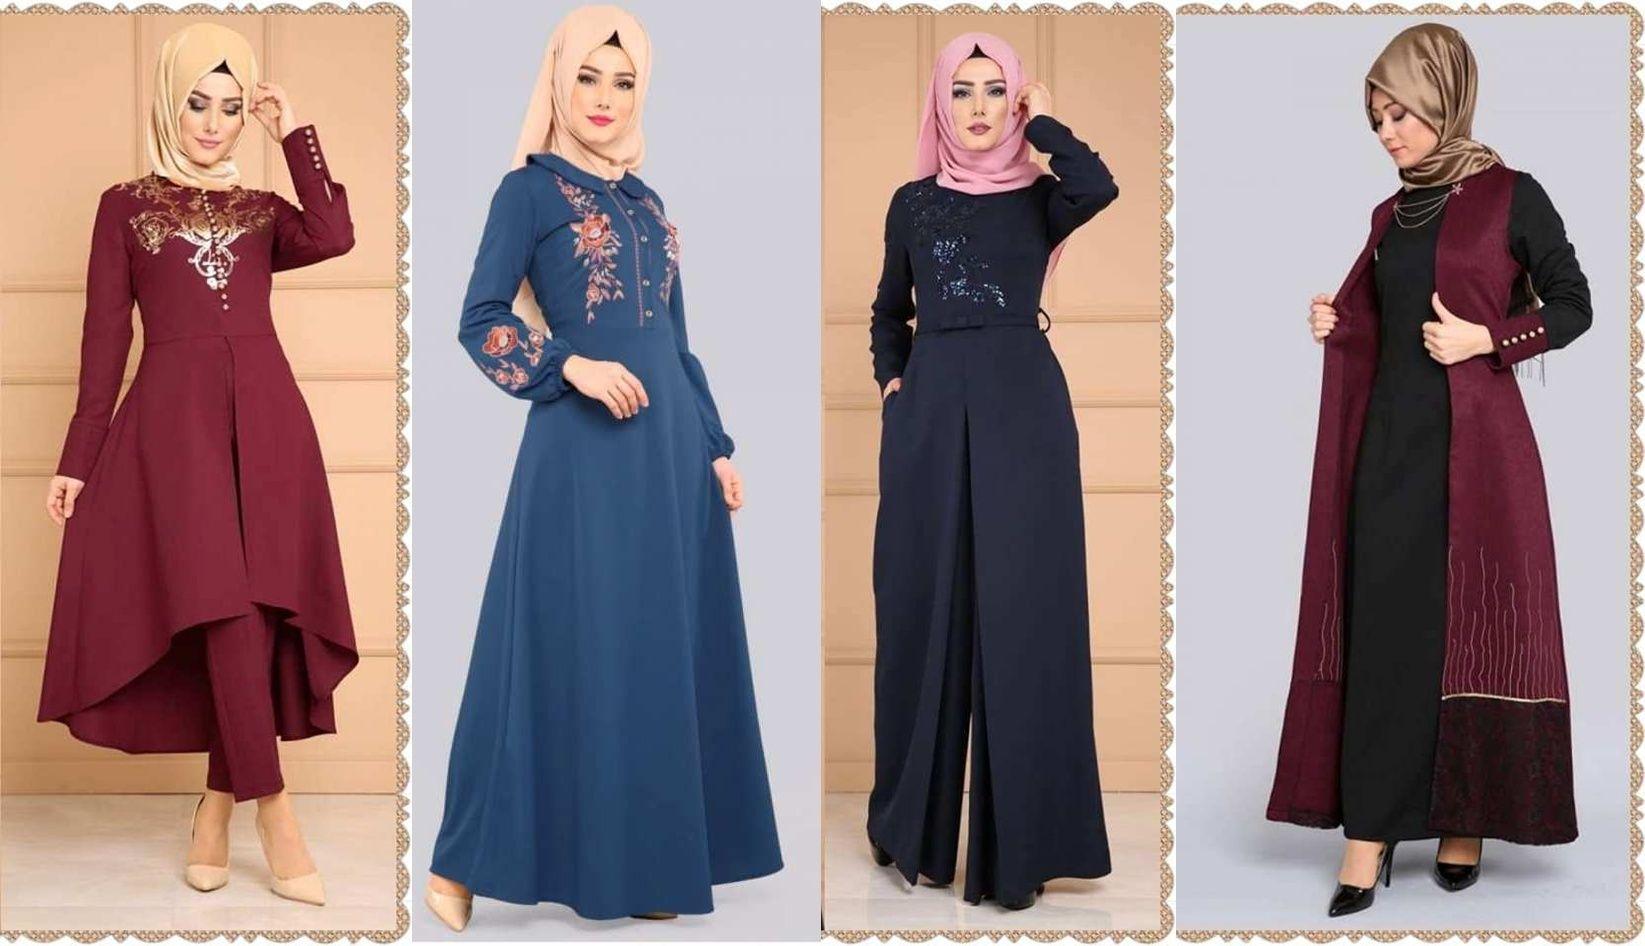 بالصور موديلات حجابات تركية , الحجاب الشرعي وتكمليه باحدث الحجابات التركيه 2039 2